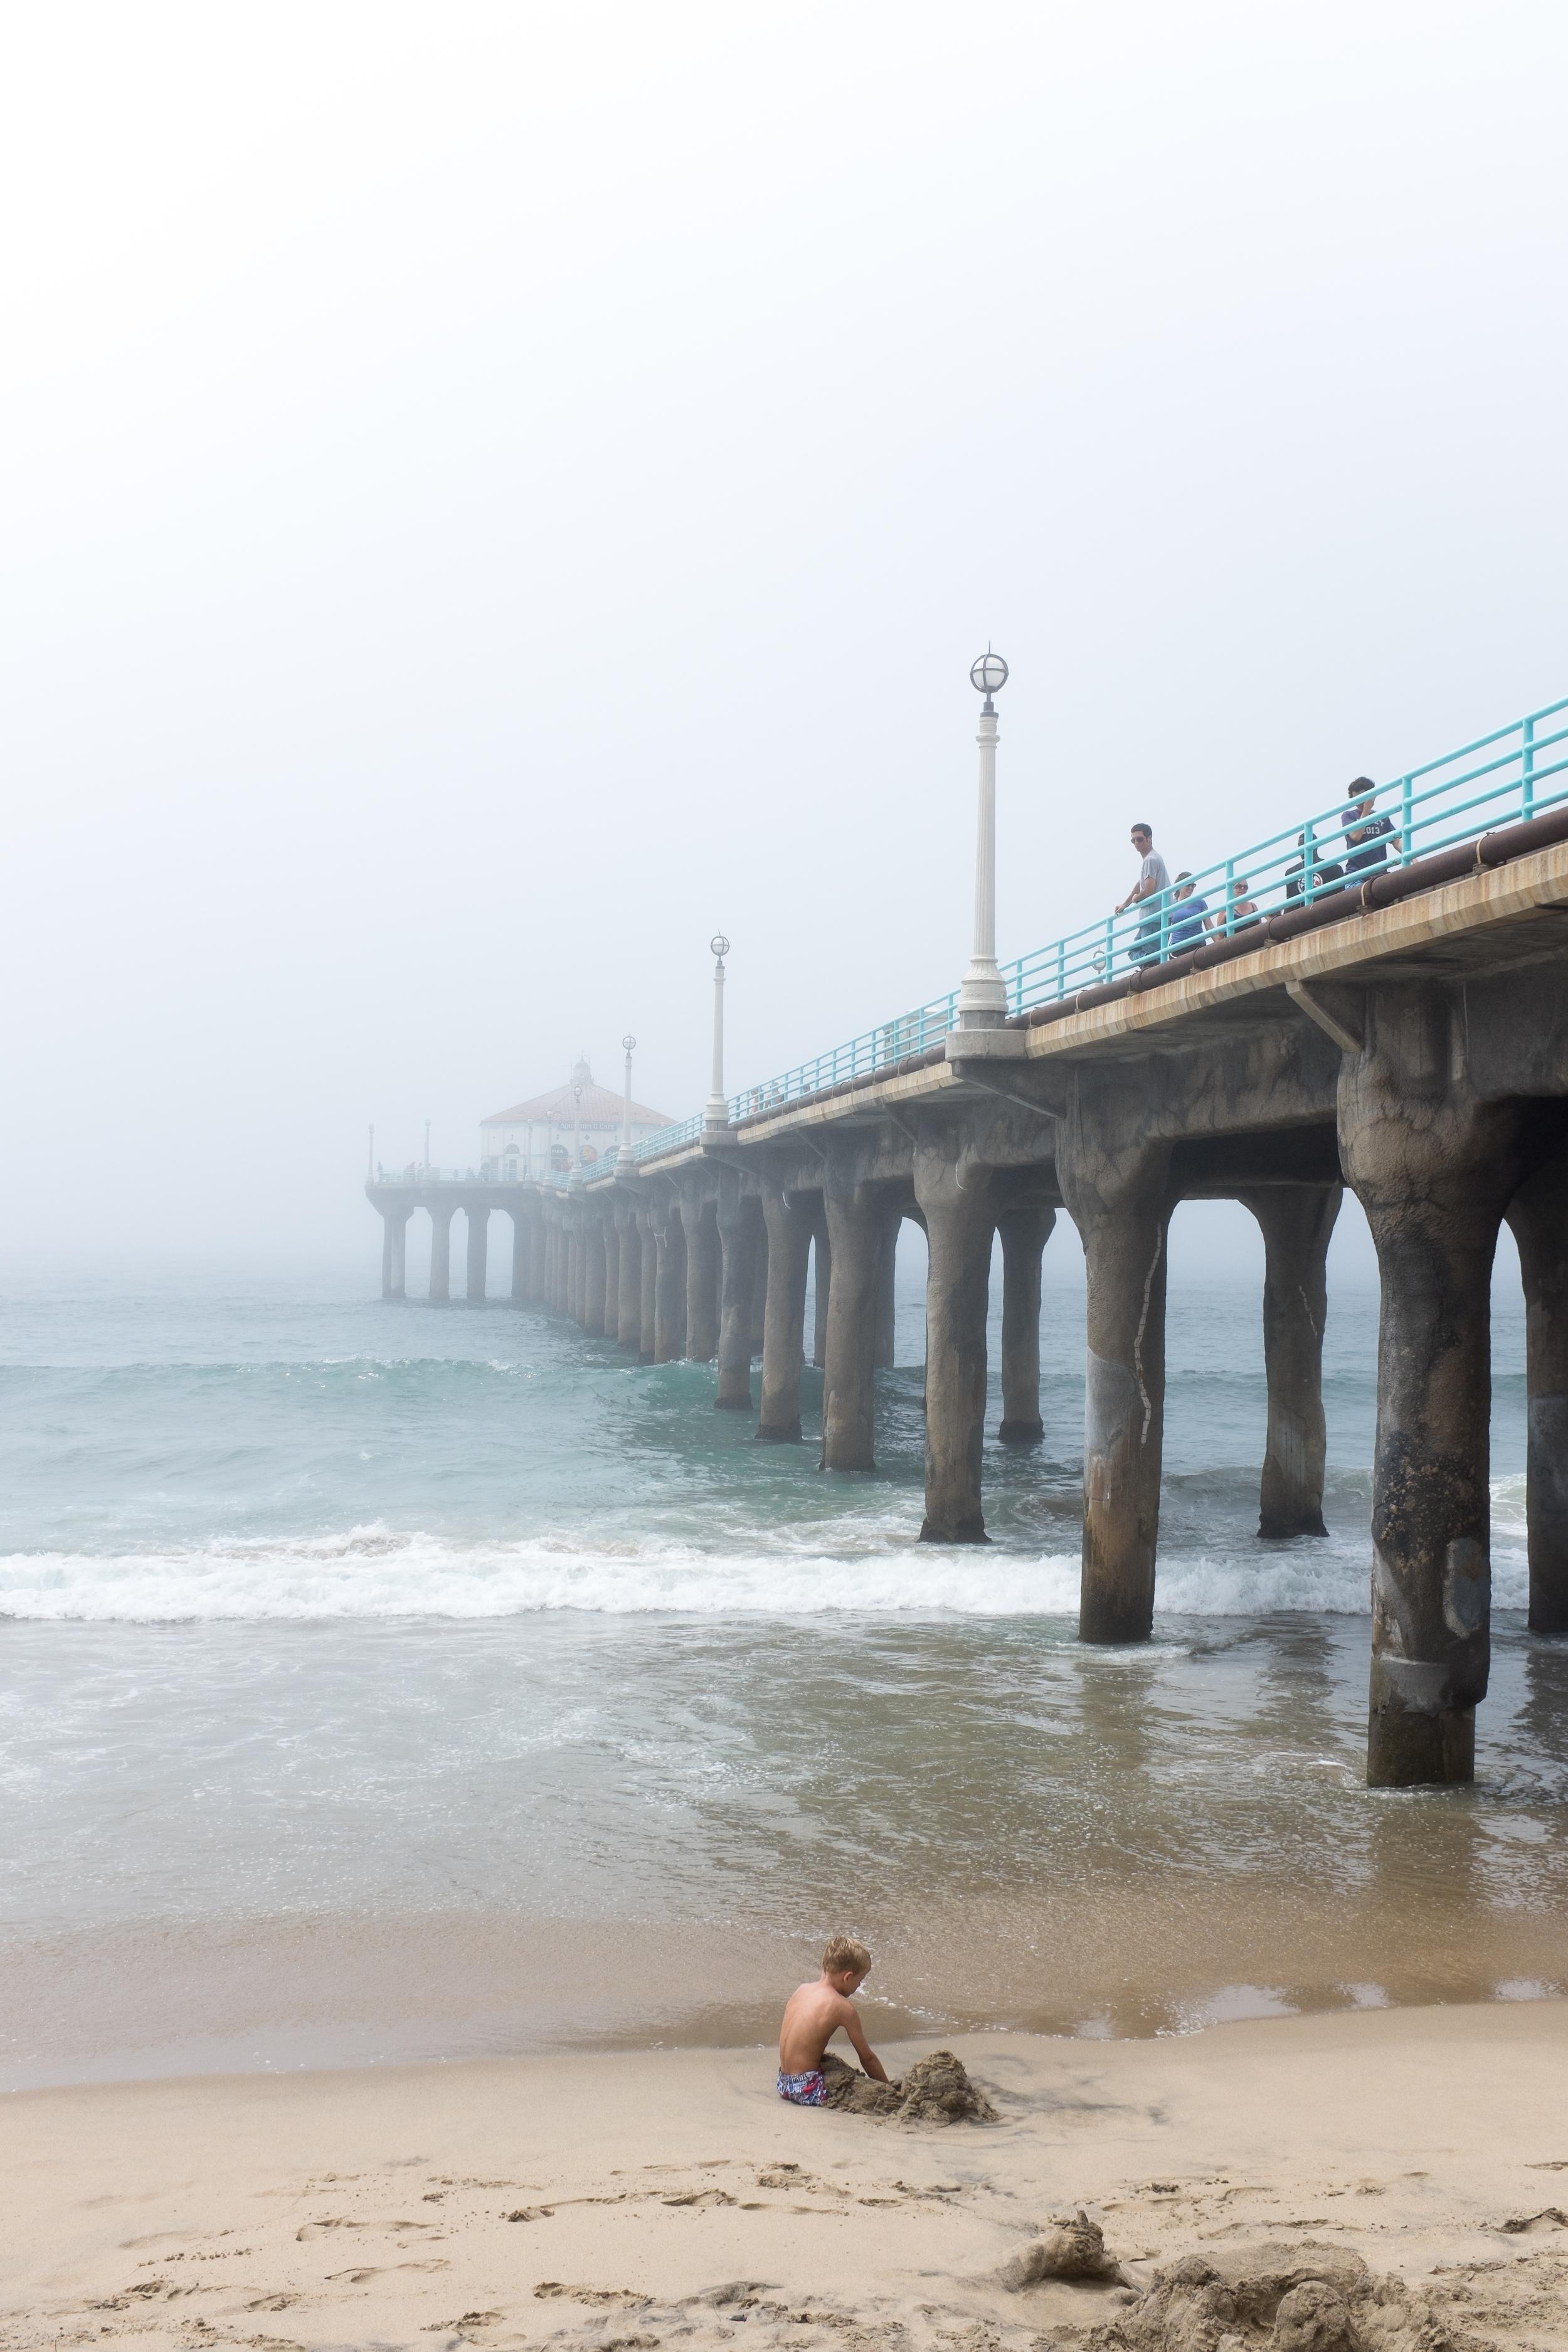 Sand Castles in the Fog